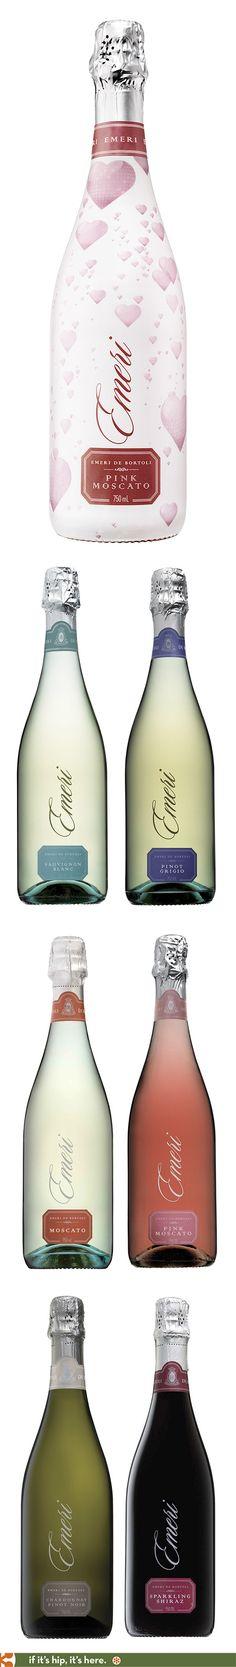 Emeri Sparkling Wines